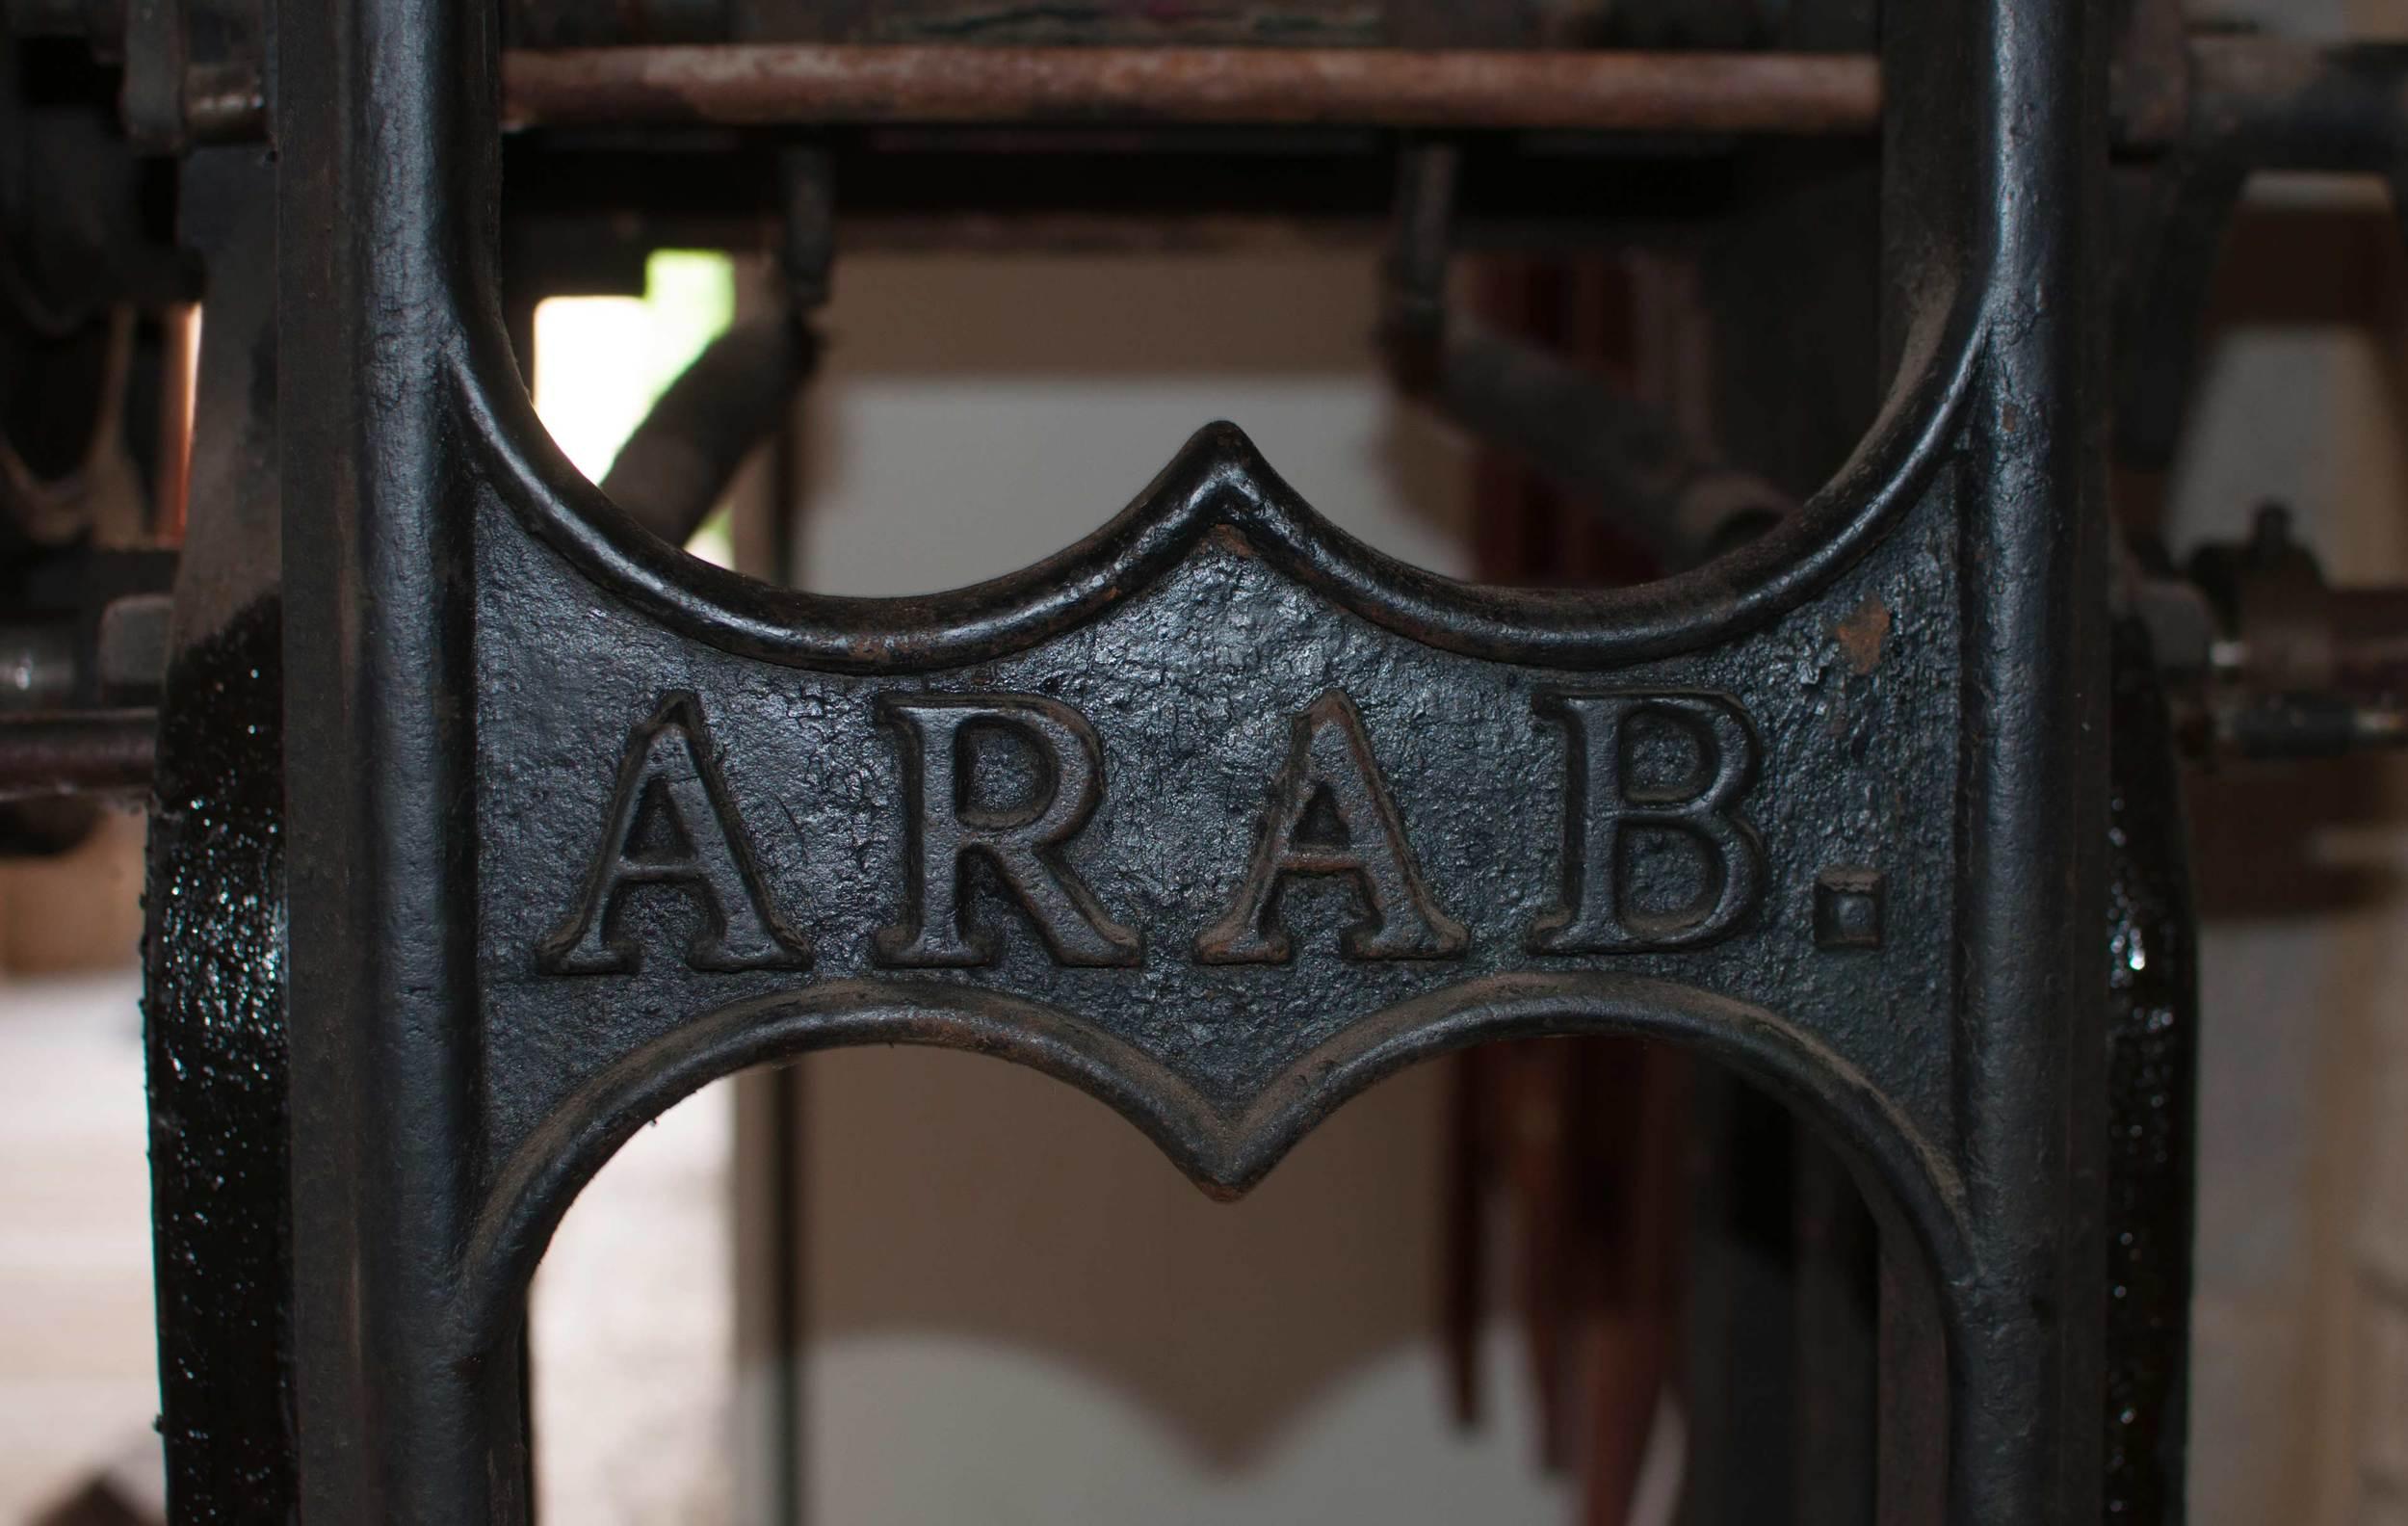 Arab-full-stop-WEB